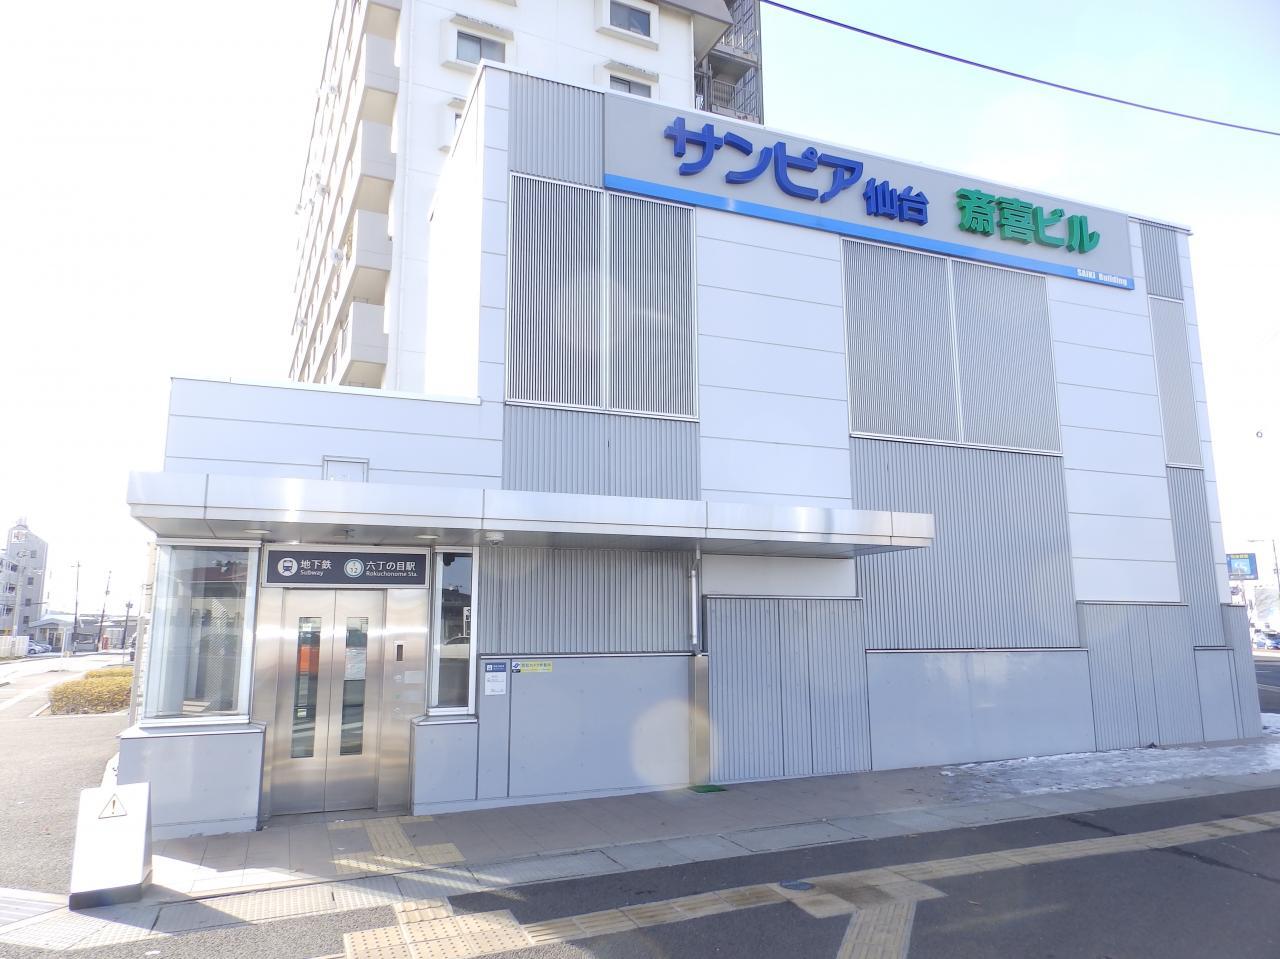 地下鉄「六丁の目」駅